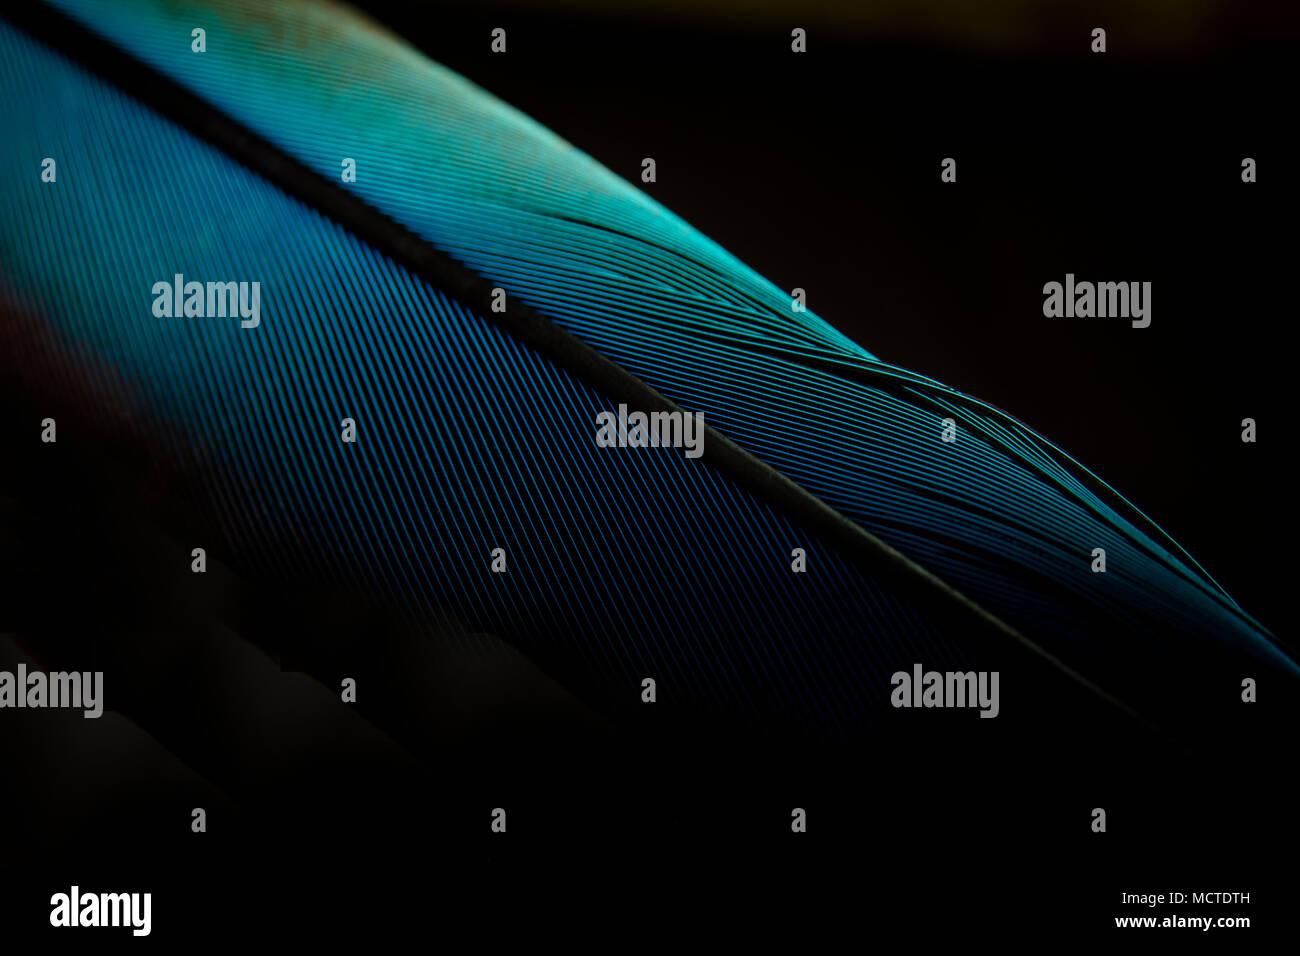 Une plume d'oiseau macro shot close-up Photo Stock